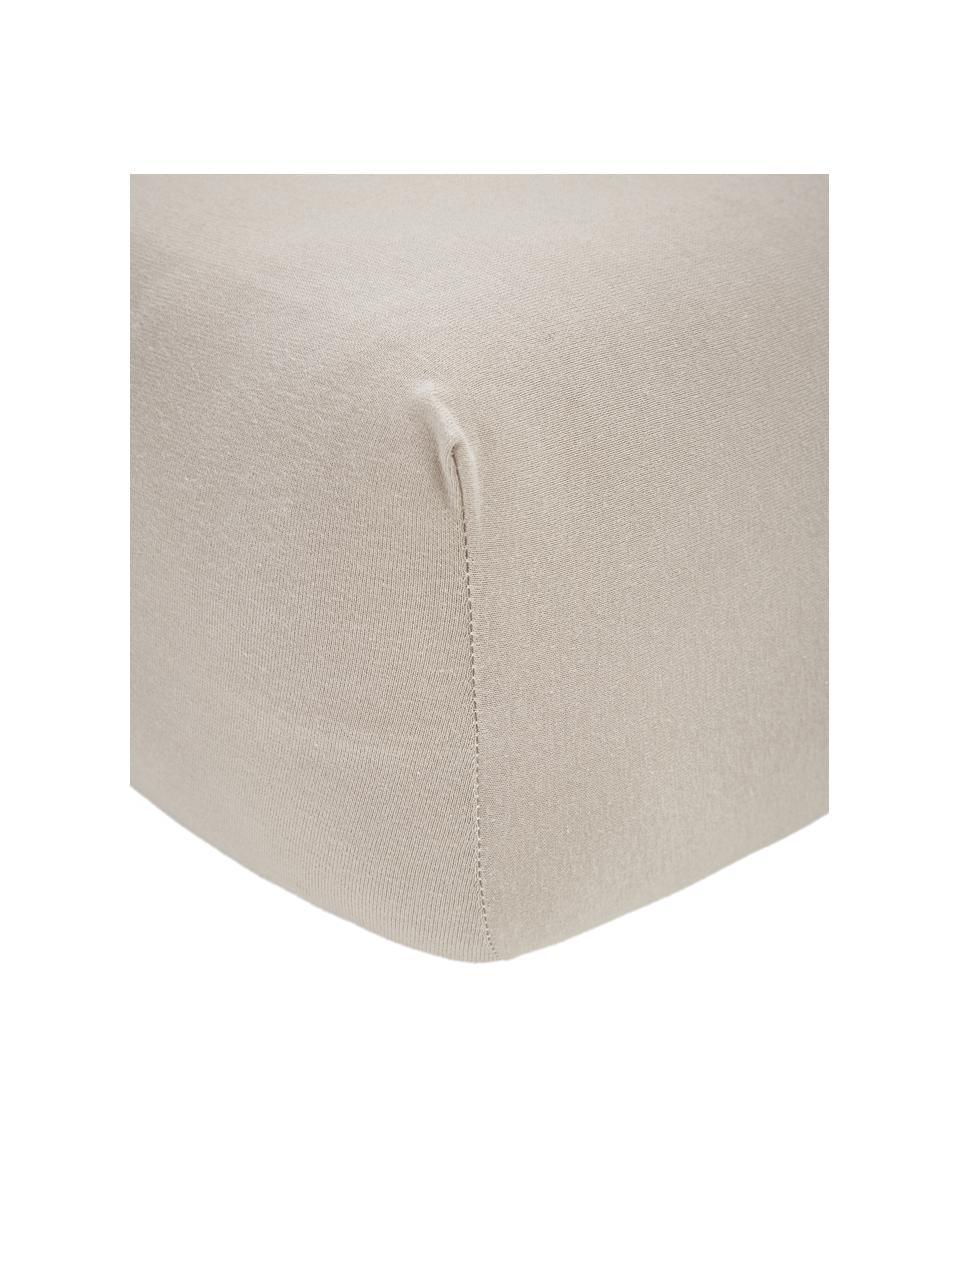 Prześcieradło z gumką na topper z jerseu i elastanem Lara, 95% bawełna, 5% elastan, Taupe, S 200 x D 200 cm